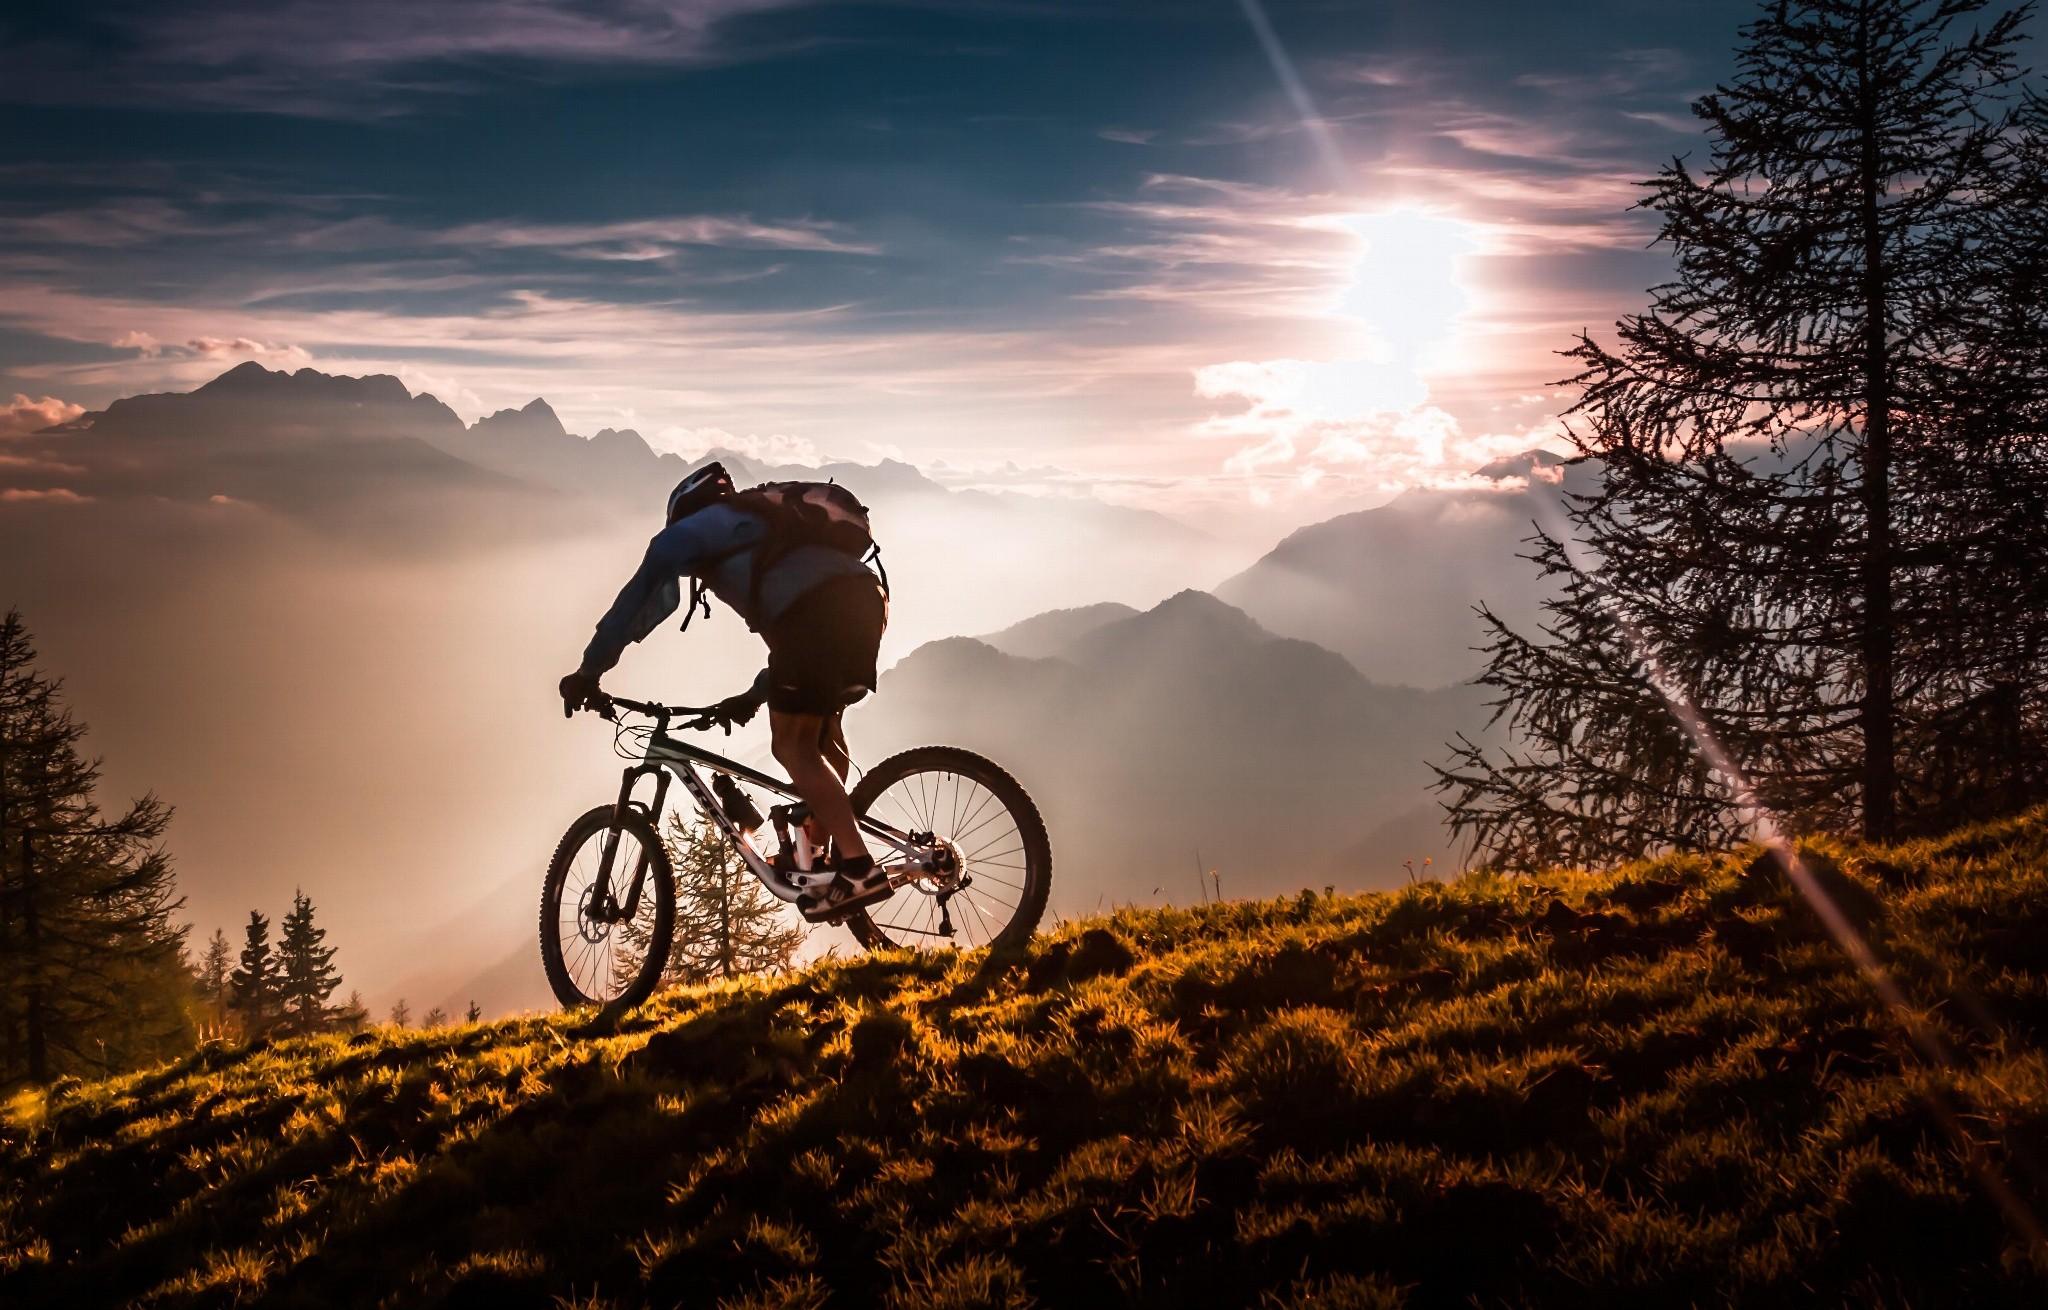 Extreme Mountain Biking Wallpaper: Wallpaper : Sunset, Nature, Bicycle, Vehicle, Evening